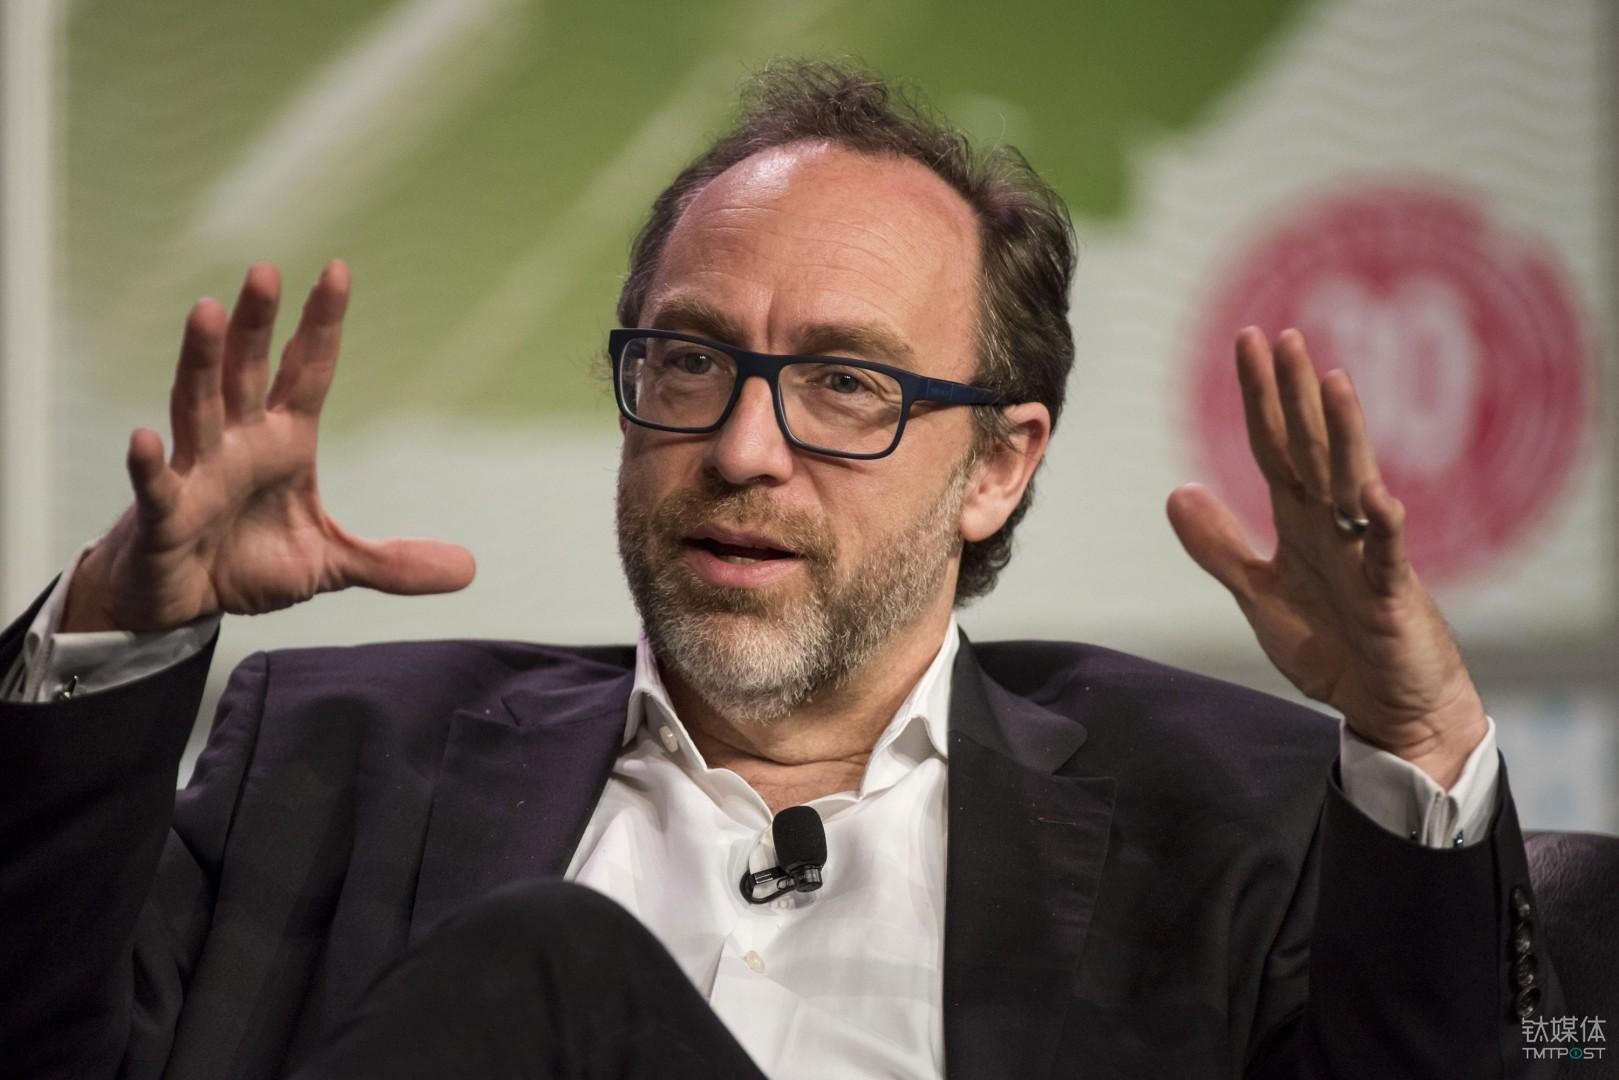 维基百科创始人Jimmy Wales。图片来源/techcrunch